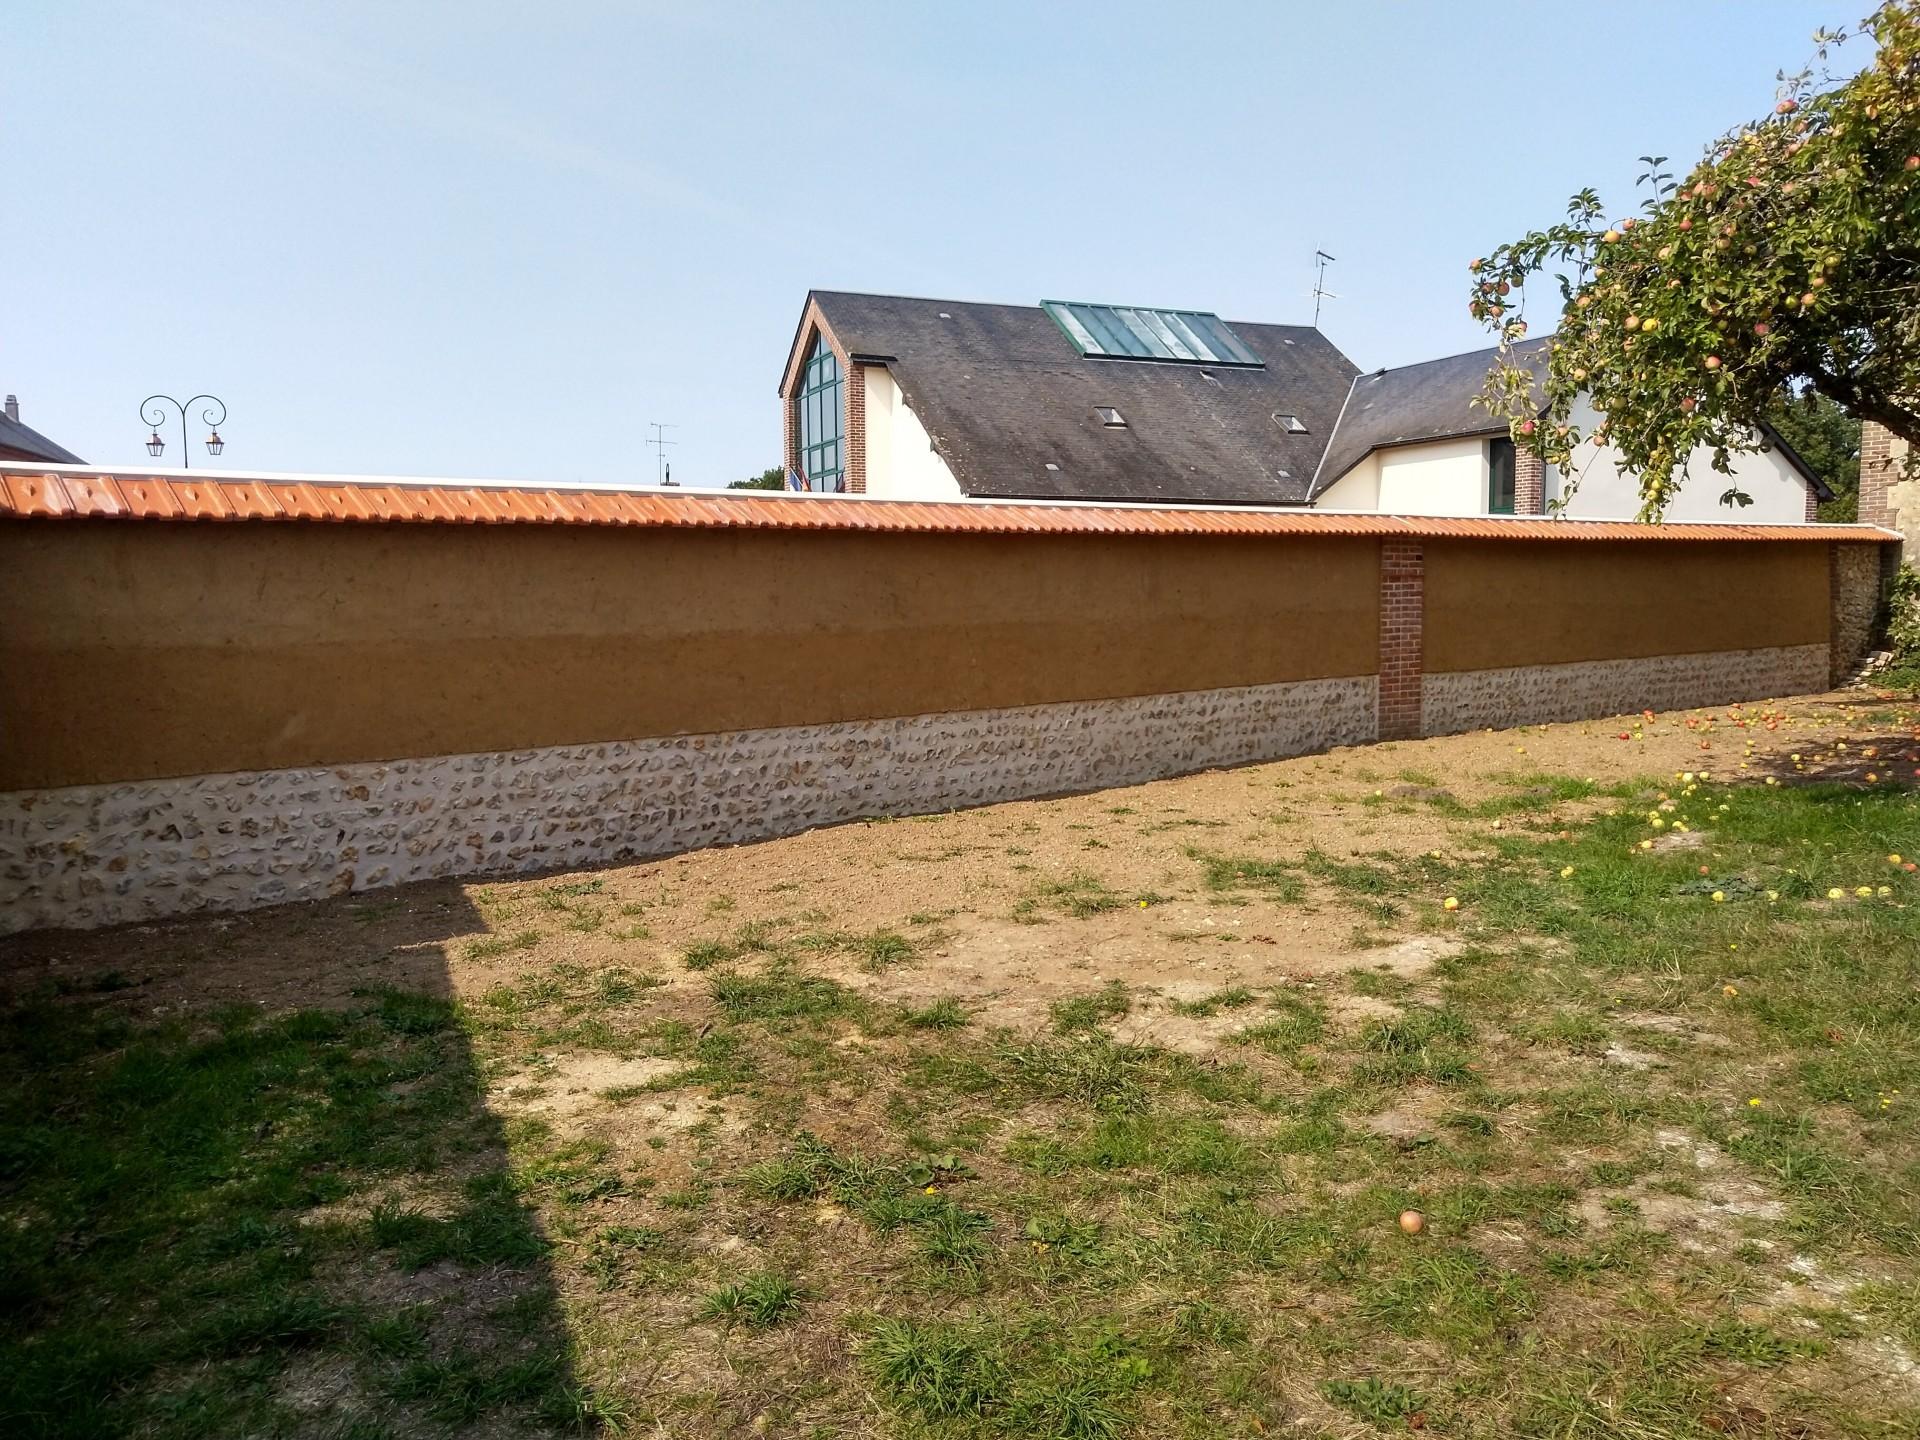 Mur en bauge face cour